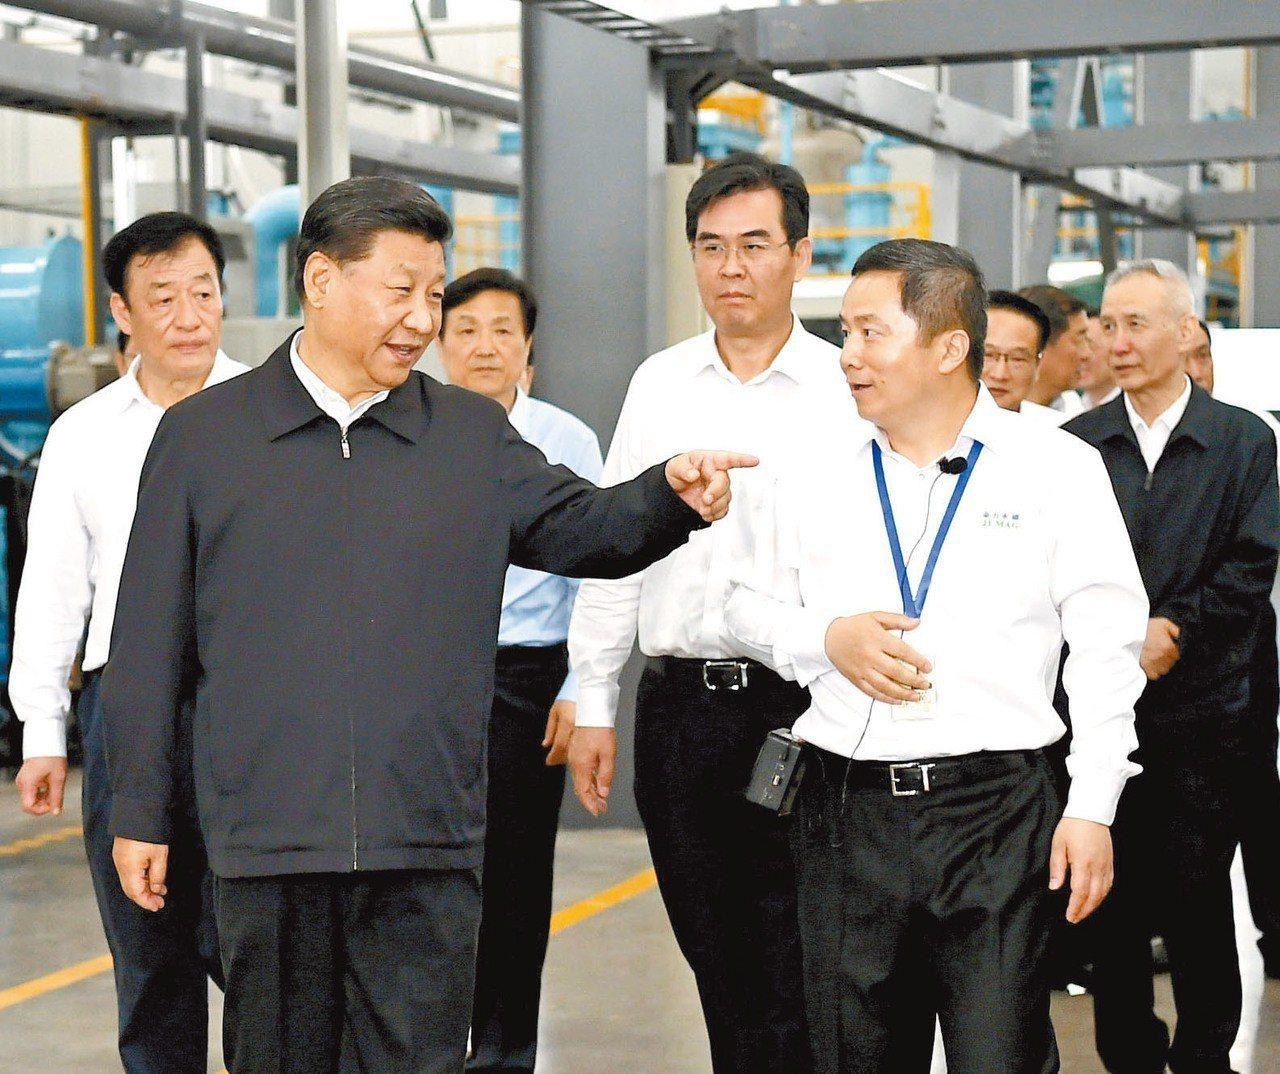 中國大陸國家主席習近平(左前)20日帶著副總理劉鶴(後排右)赴江西巡查。 新華社